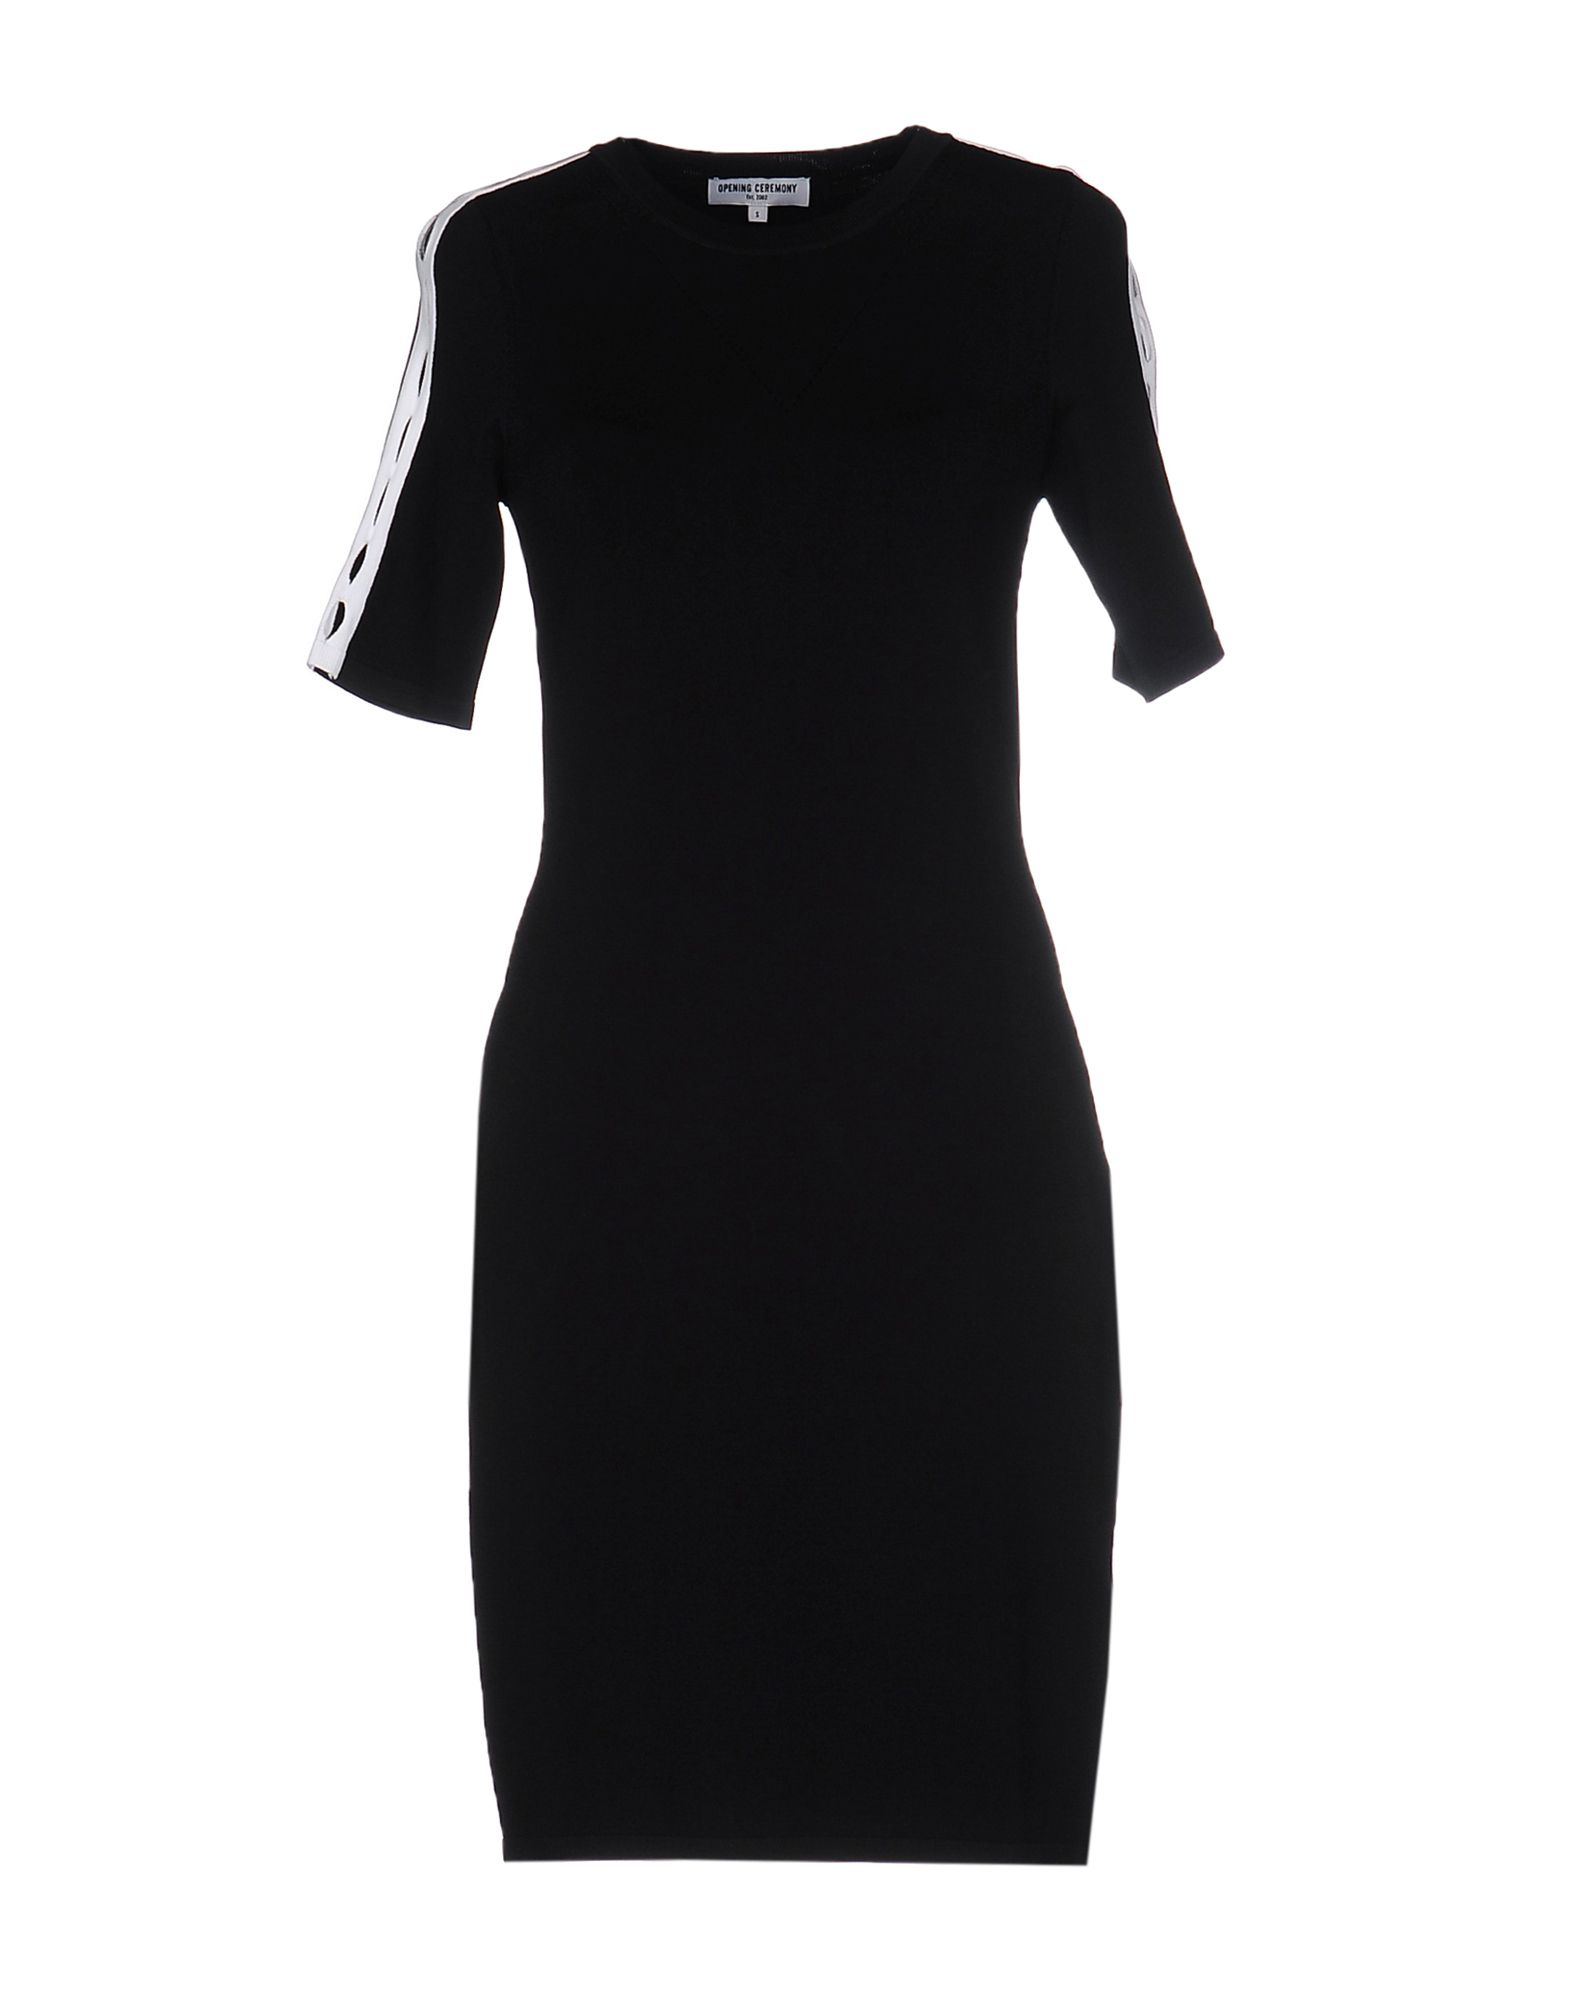 OPENING CEREMONY Damen Kurzes Kleid Farbe Schwarz Größe 4